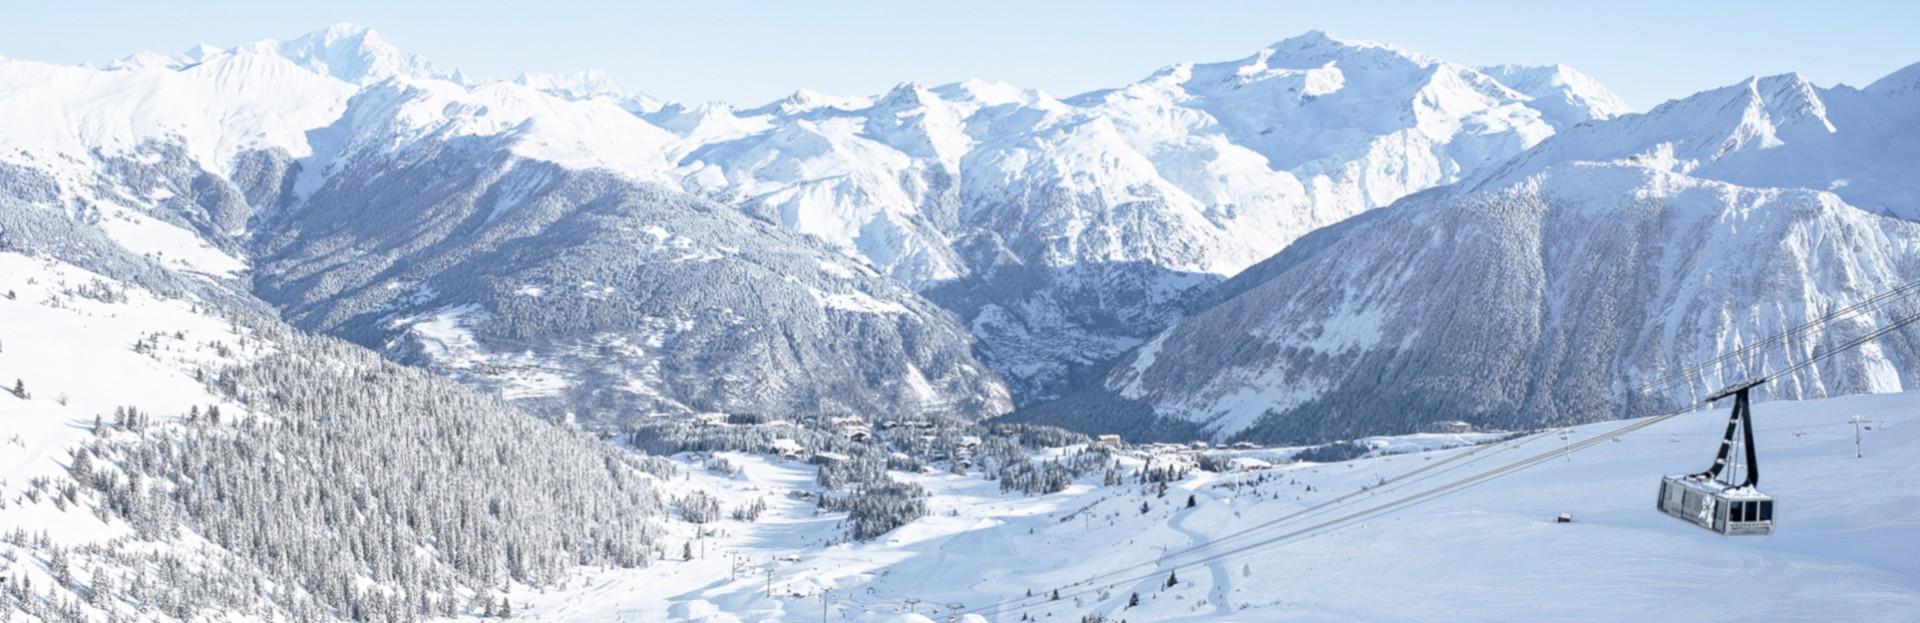 vente-de-forfaits-de-ski-Courchevel